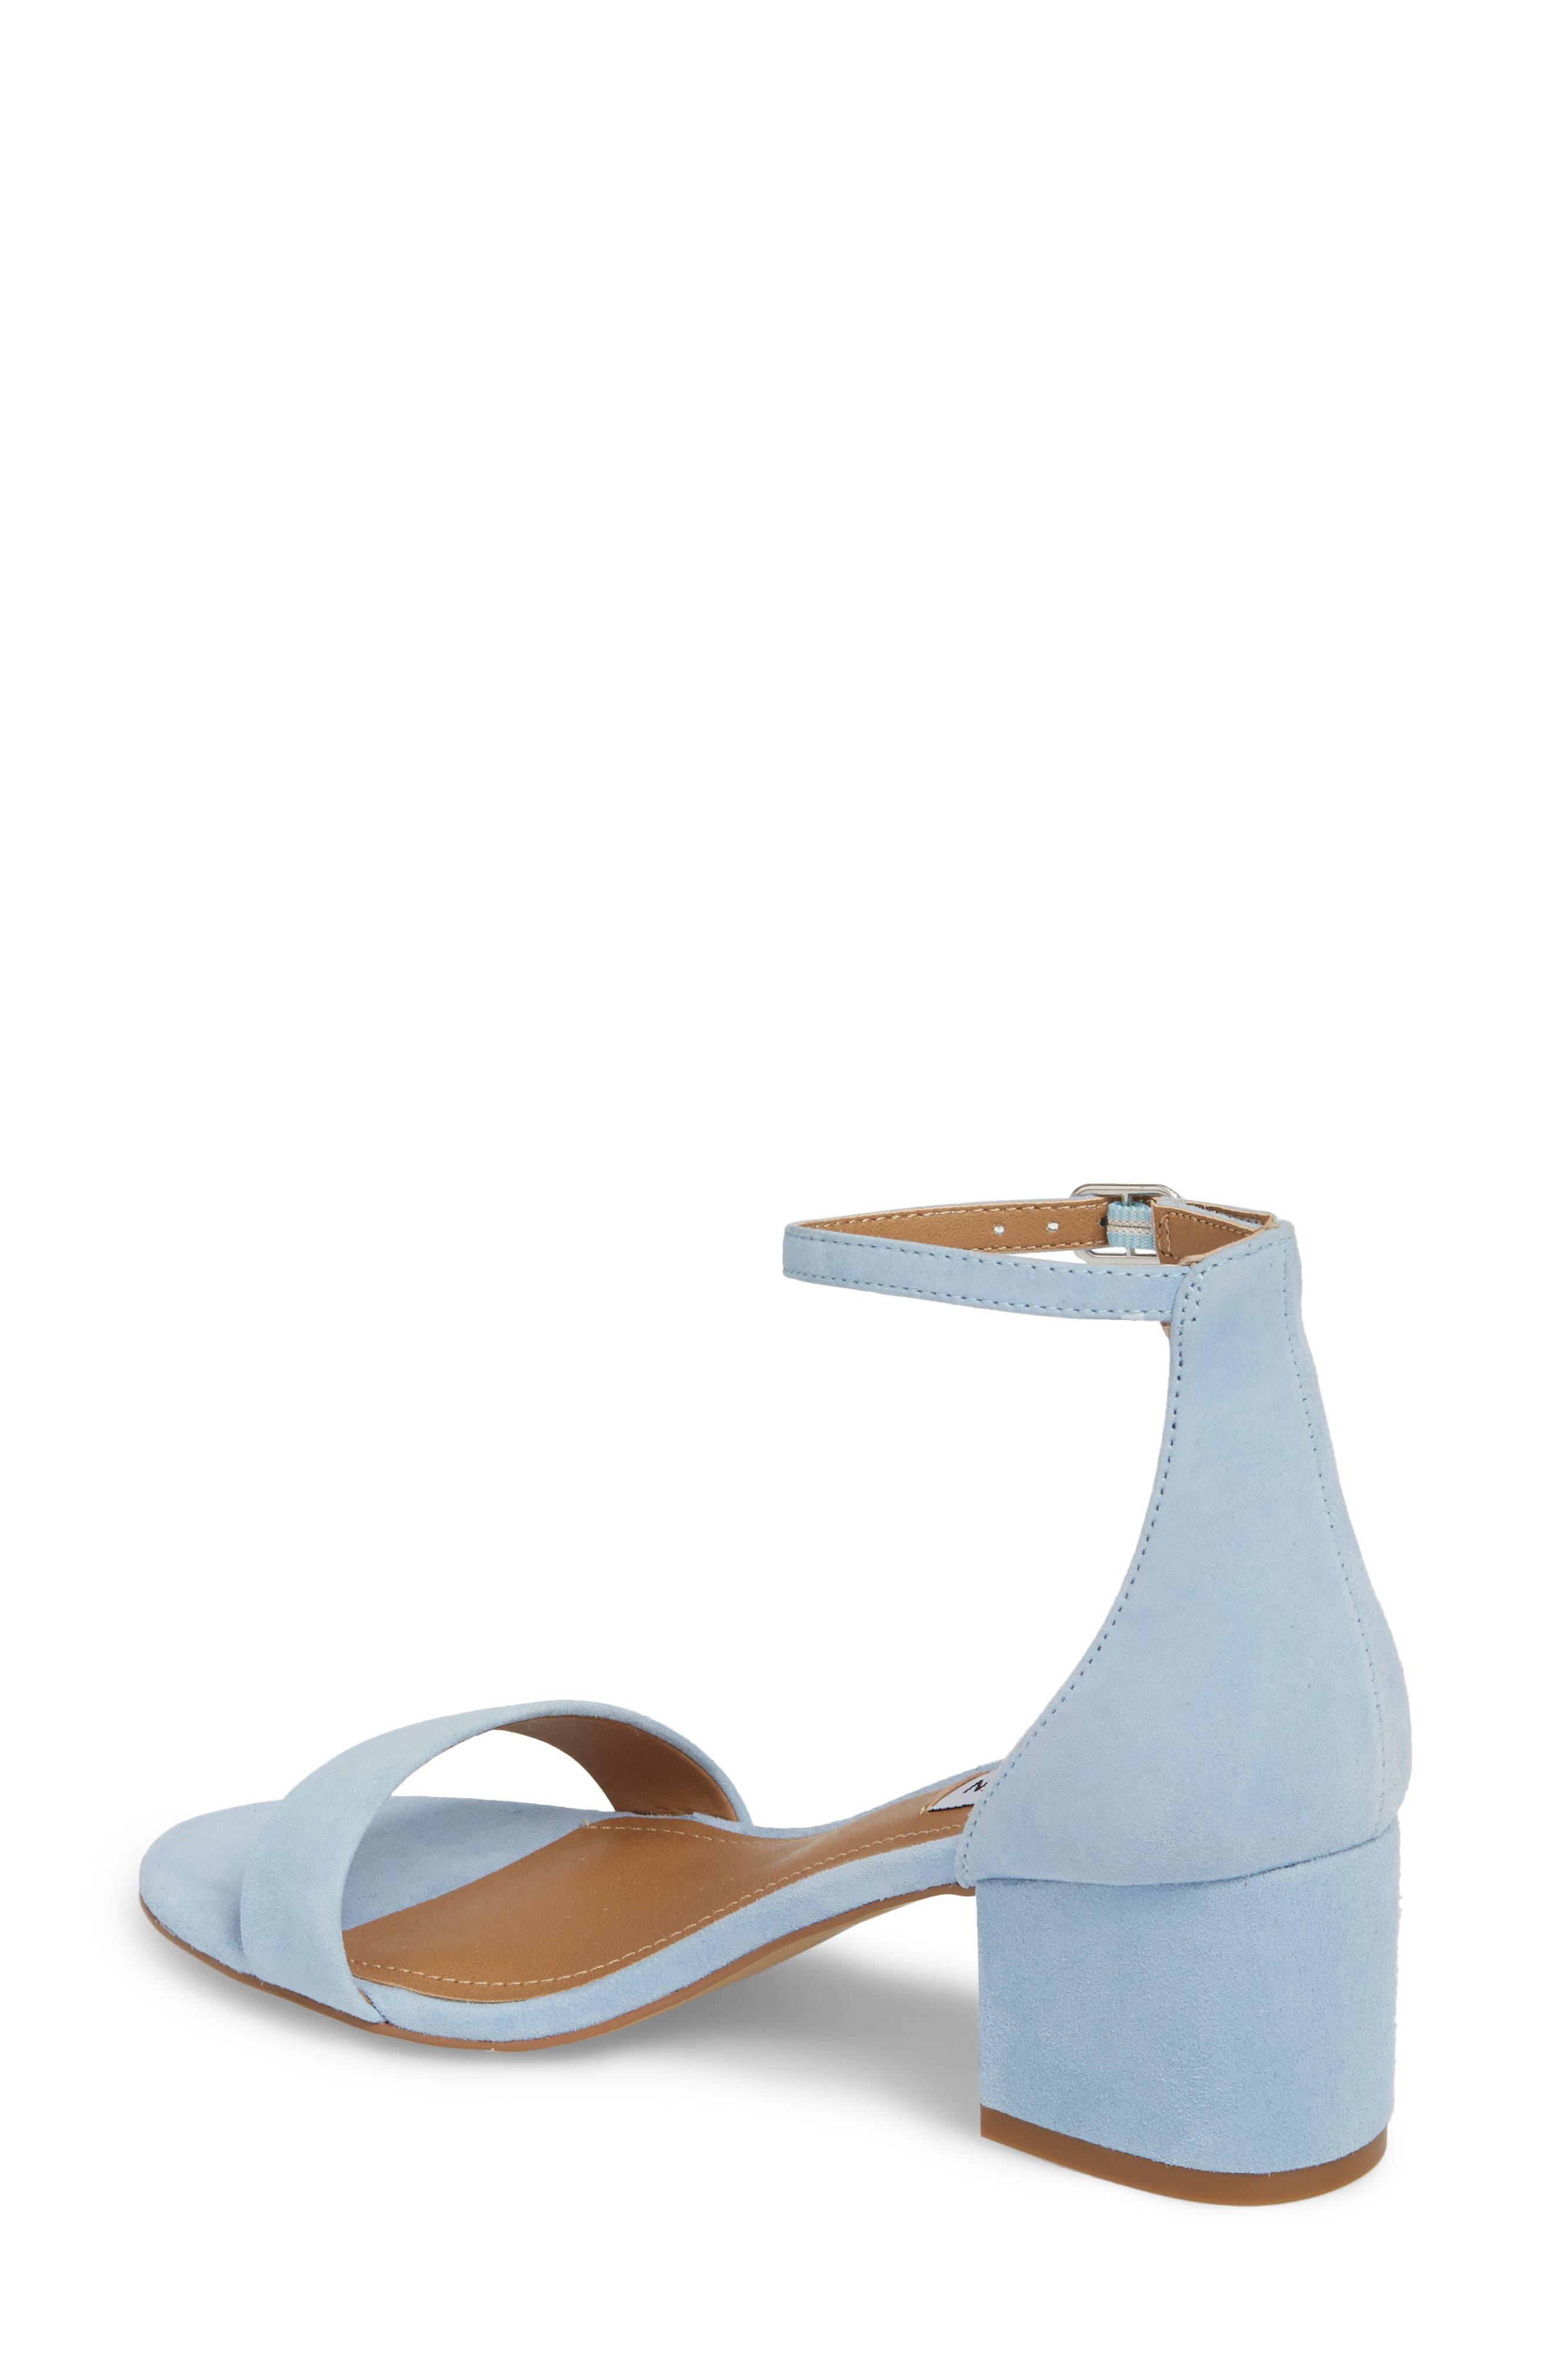 Irenee Ankle Strap Sandal,                             Alternate thumbnail 38, color,